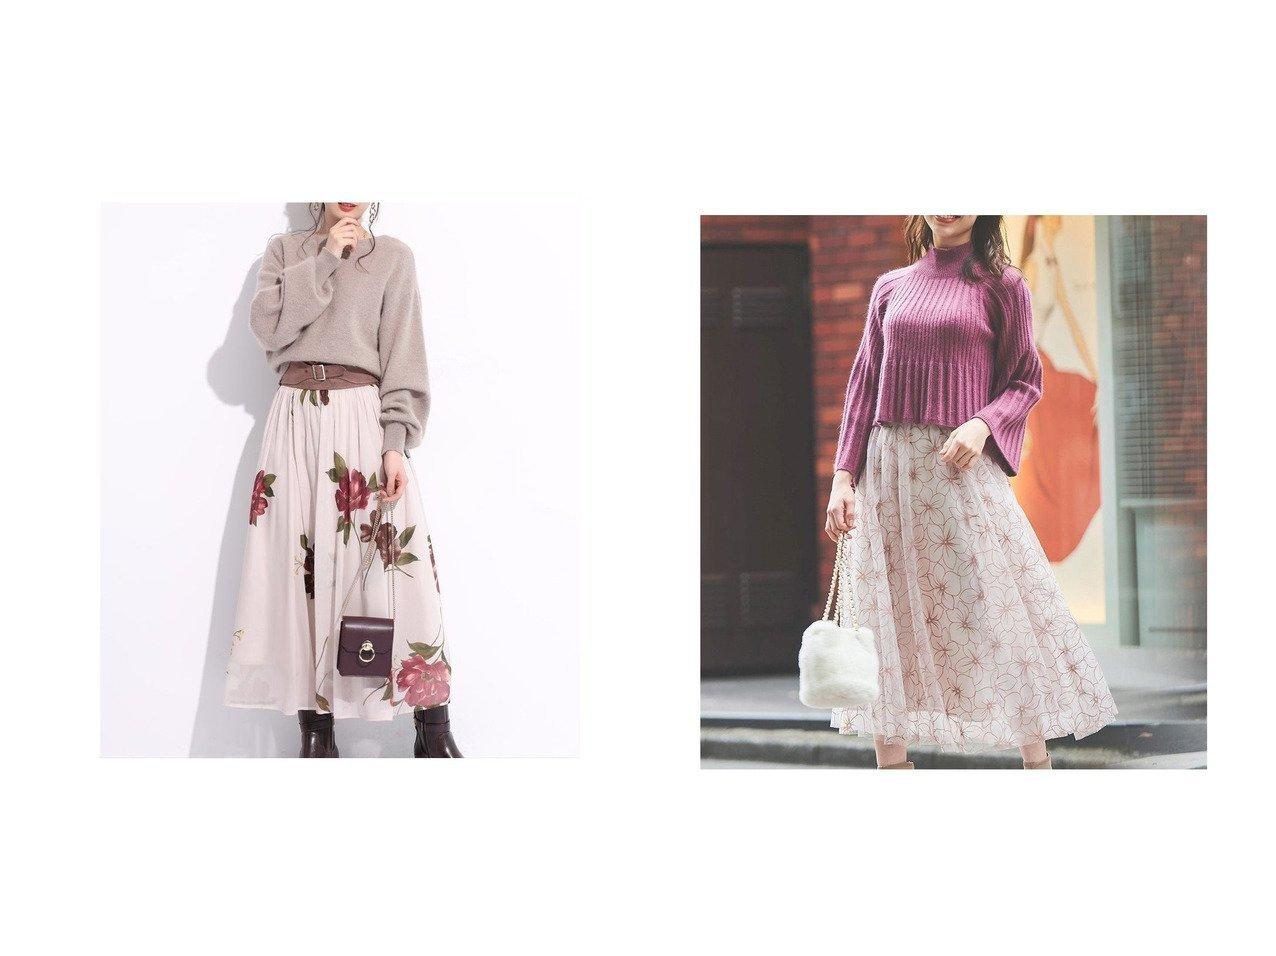 【Noela/ノエラ】のフロッキーチュールスカート&【Rirandture/リランドチュール】のベルト付きシアー大花スカート スカートのおすすめ!人気、レディースファッションの通販  おすすめで人気のファッション通販商品 インテリア・家具・キッズファッション・メンズファッション・レディースファッション・服の通販 founy(ファニー) https://founy.com/ ファッション Fashion レディース WOMEN スカート Skirt ベルト Belts シアー シンプル フェミニン フラワー プリント ワイド チュール レース 冬 Winter |ID:crp329100000004064